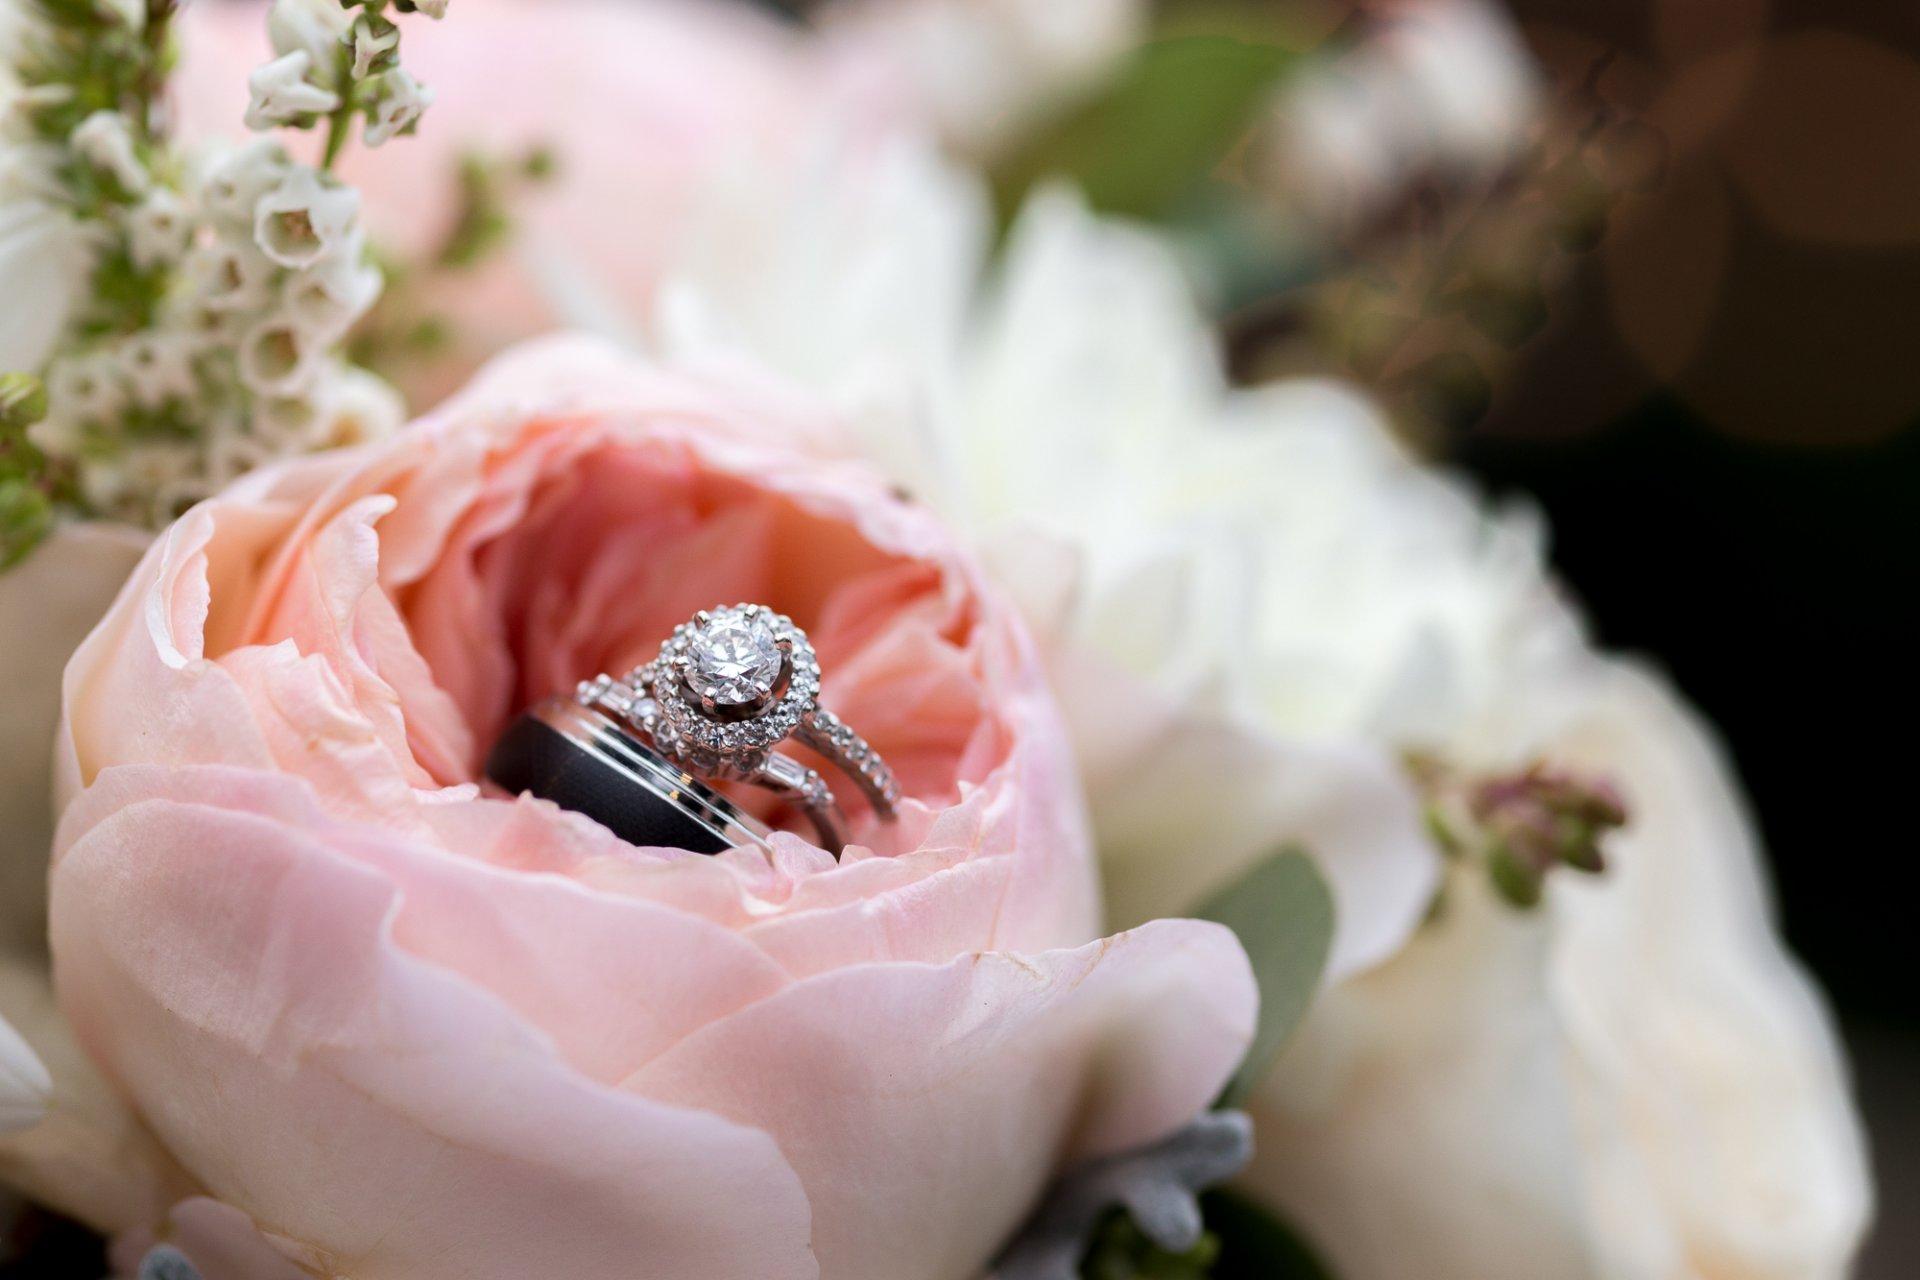 примеру, букет цветов с кольцом фото там них